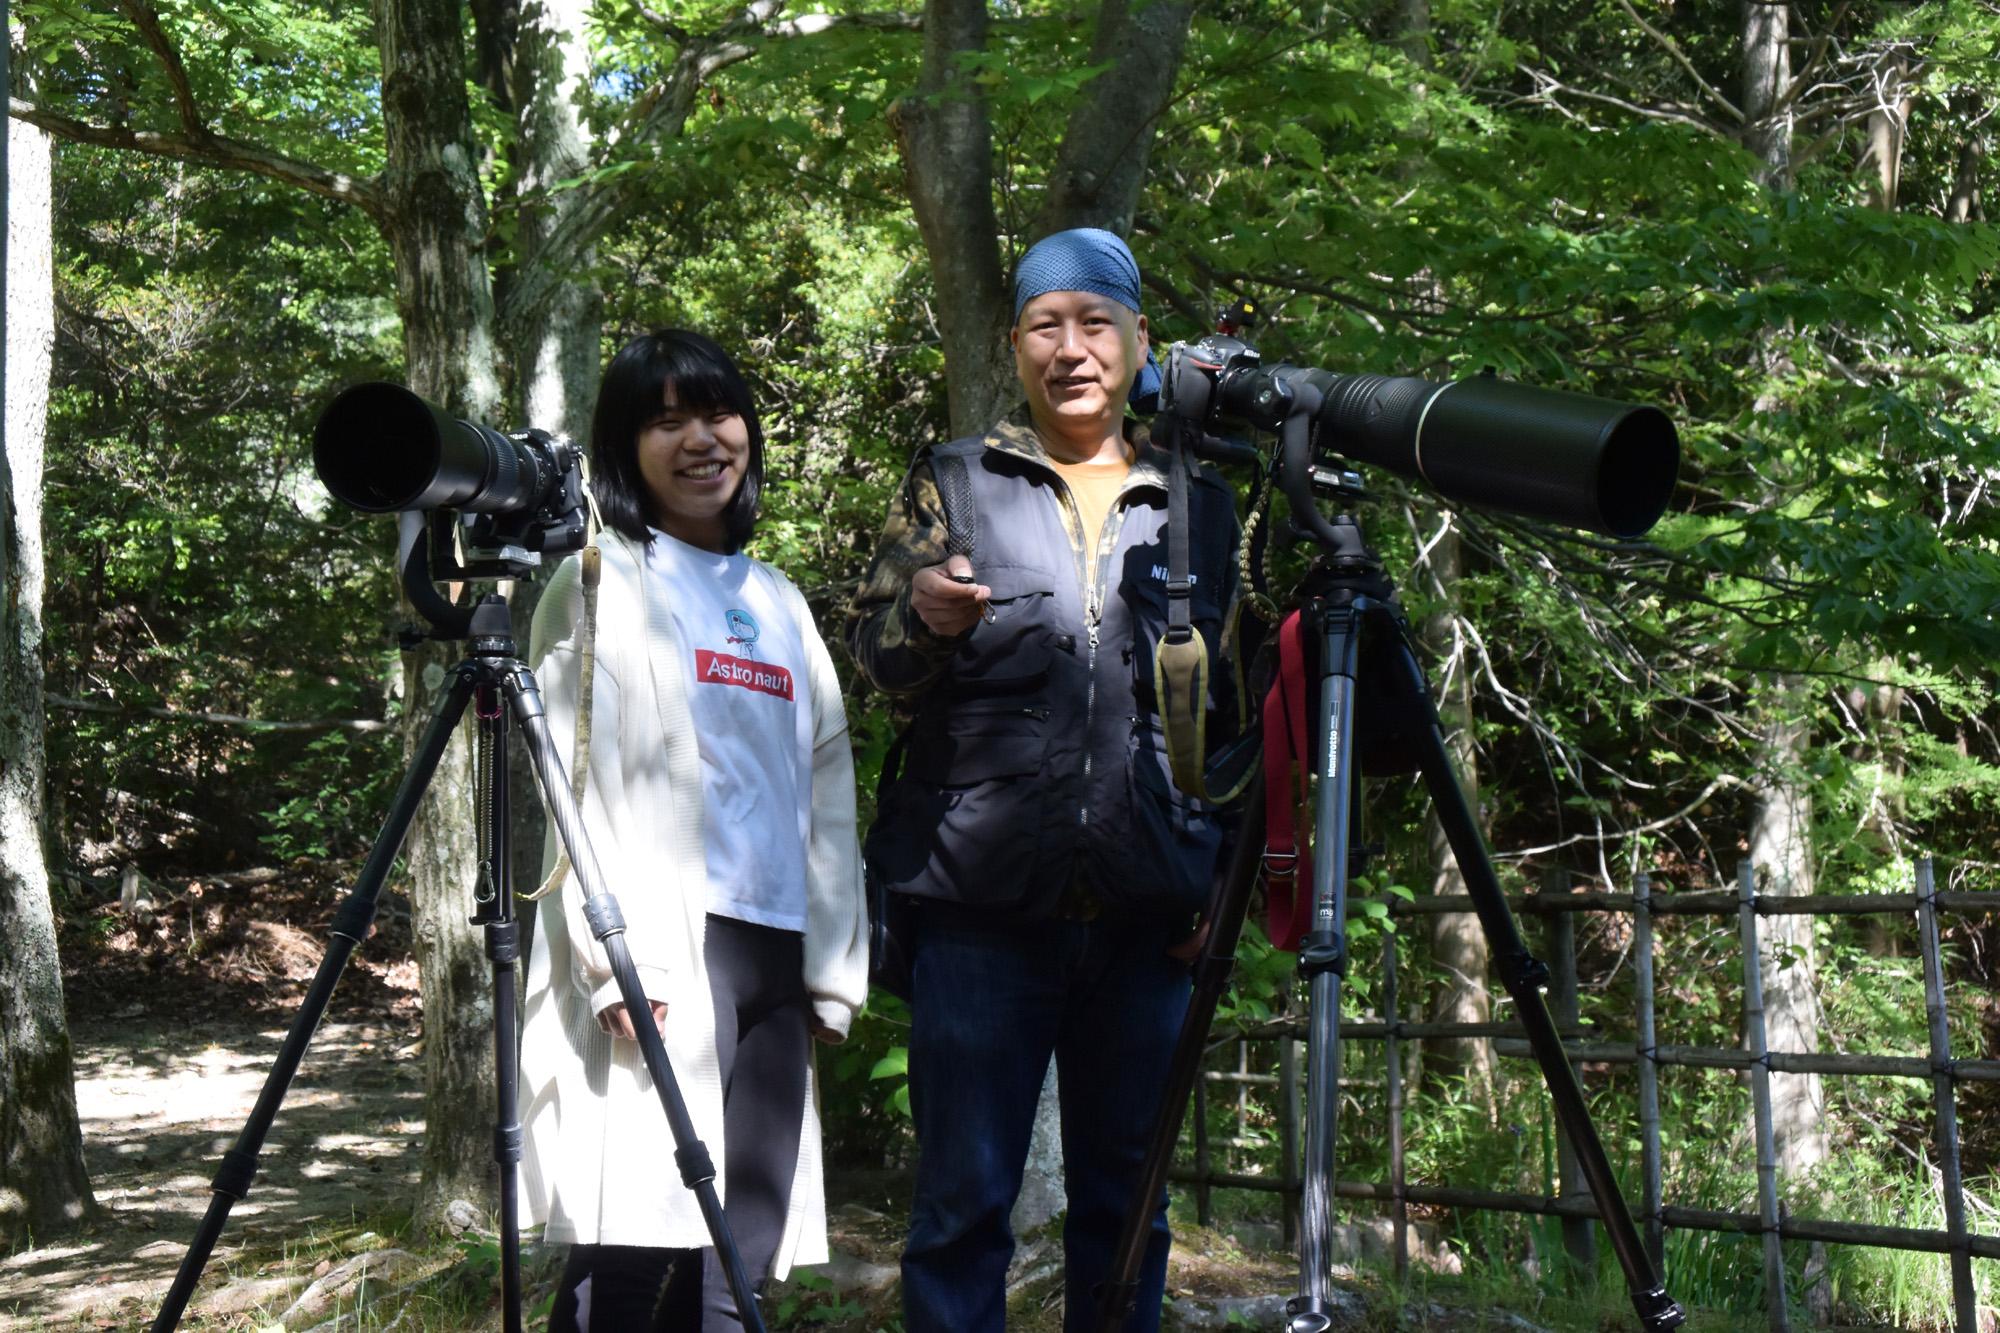 次女と一緒に朝のお散歩! Nikon D300s+AF-S NIKKOR 200-500mm F5.6E ED VR